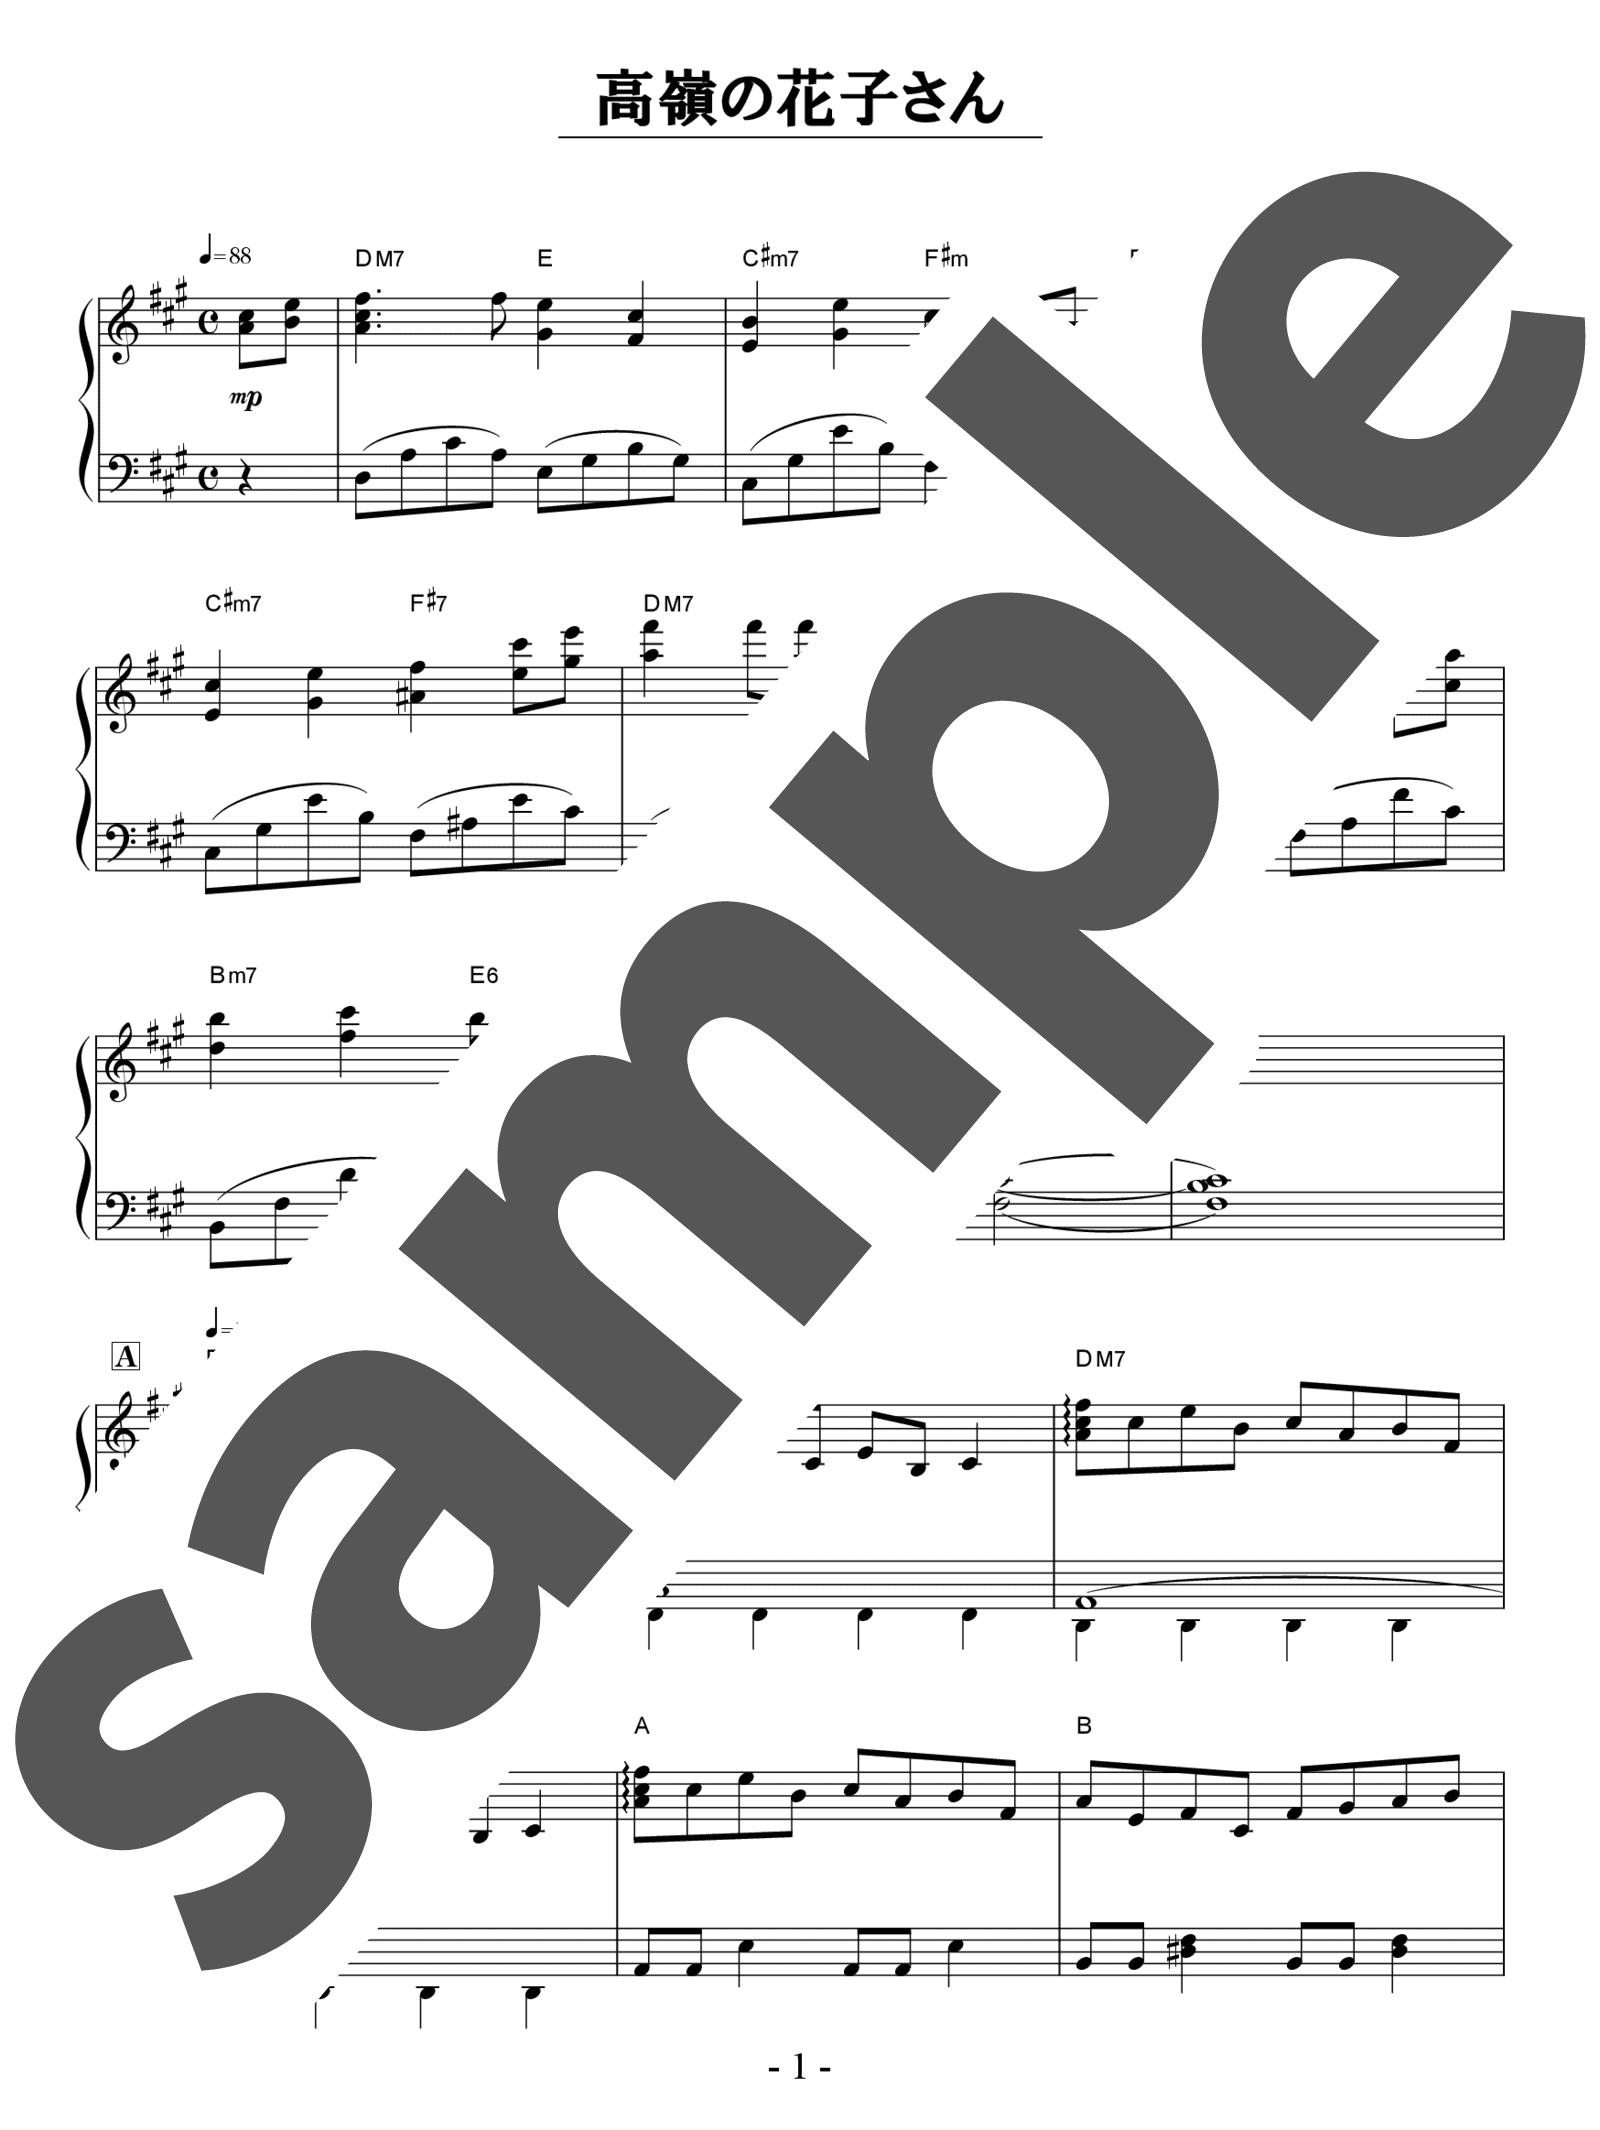 「高嶺の花子さん」のサンプル楽譜